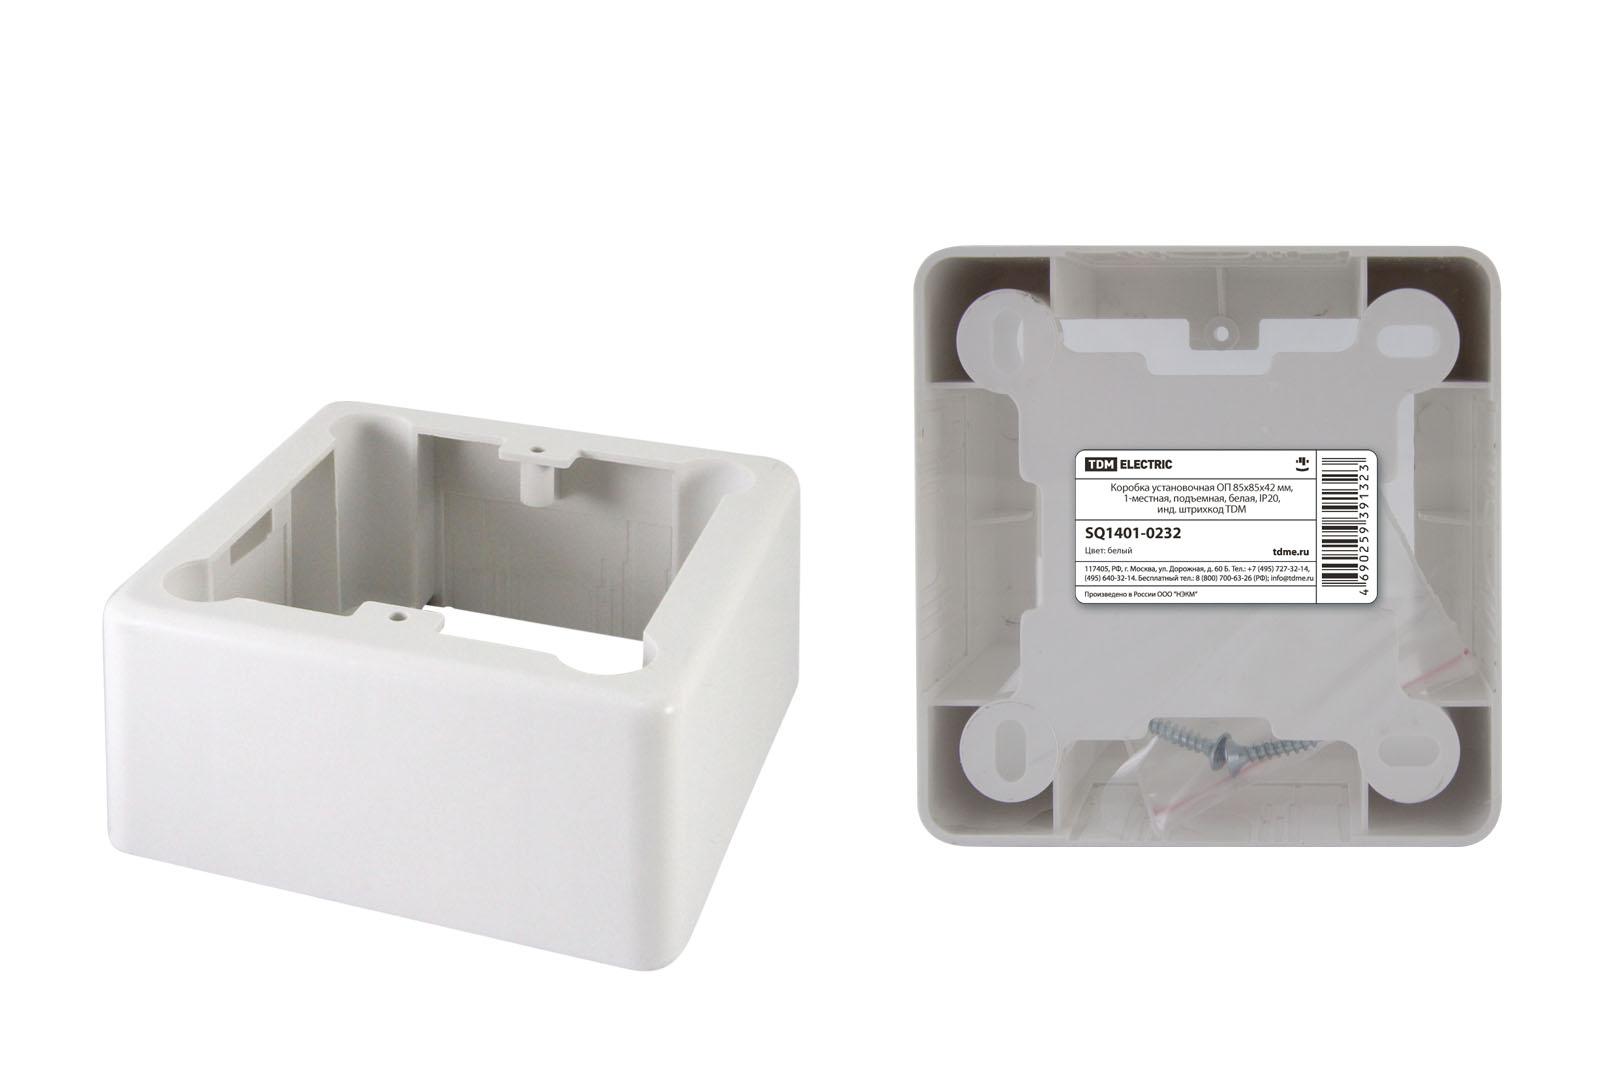 Фото Коробка установочная ОП 85х85х42 мм, 1-местная, подъемная, белая, IP20, инд. штрихкод TDM {SQ1401-0232}